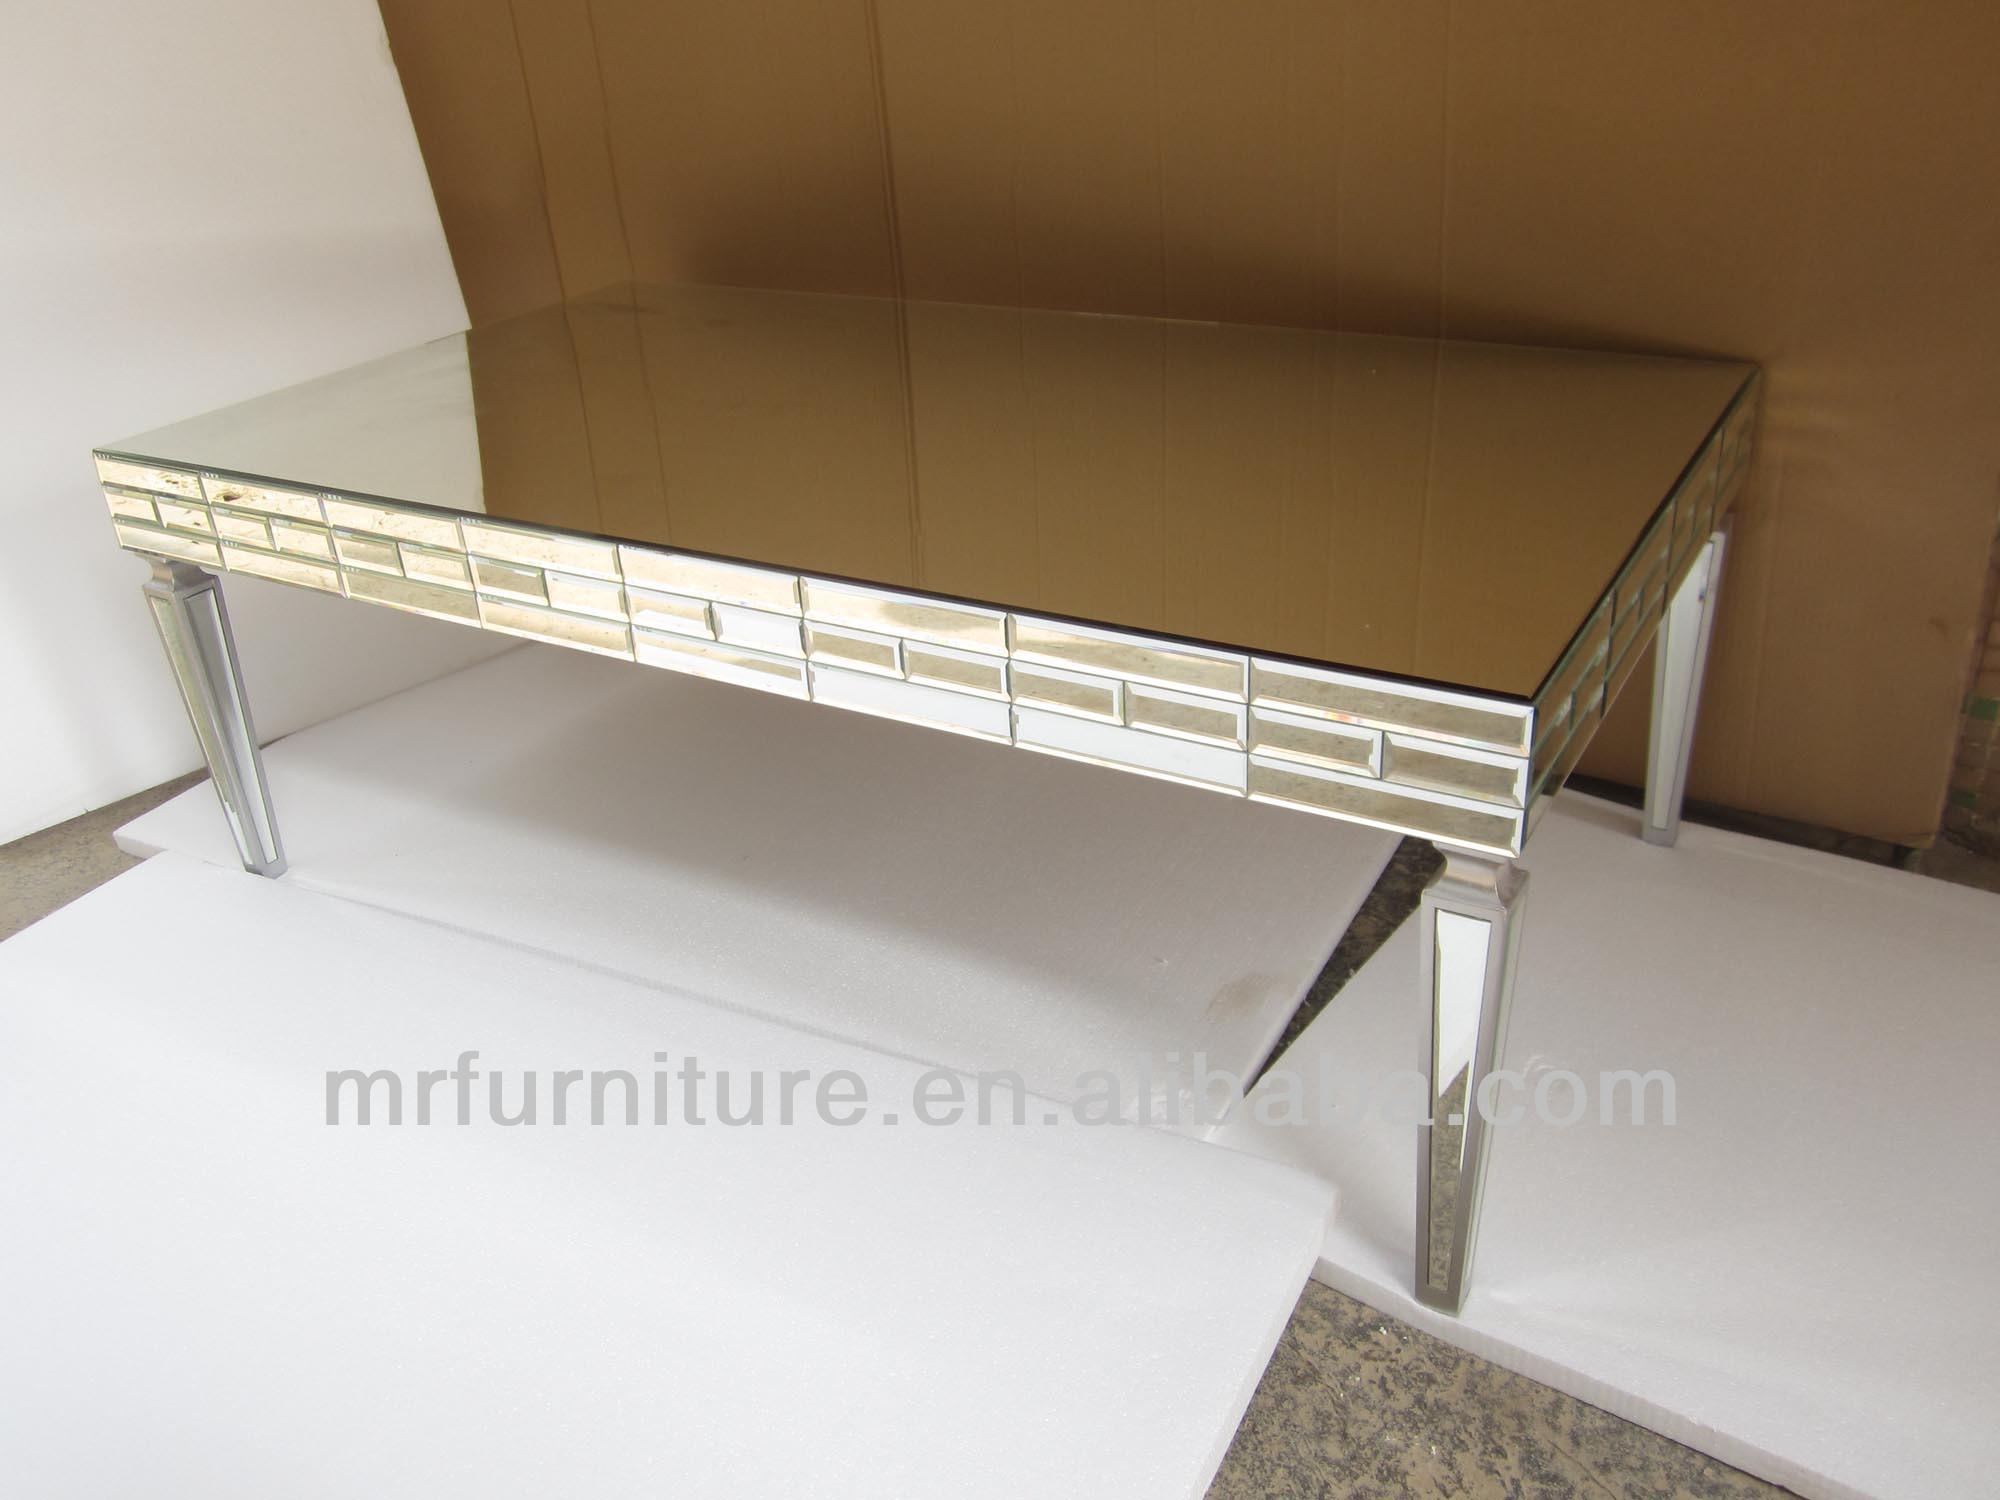 Mr401348 espelho moderno mesa de café móveis por atacado